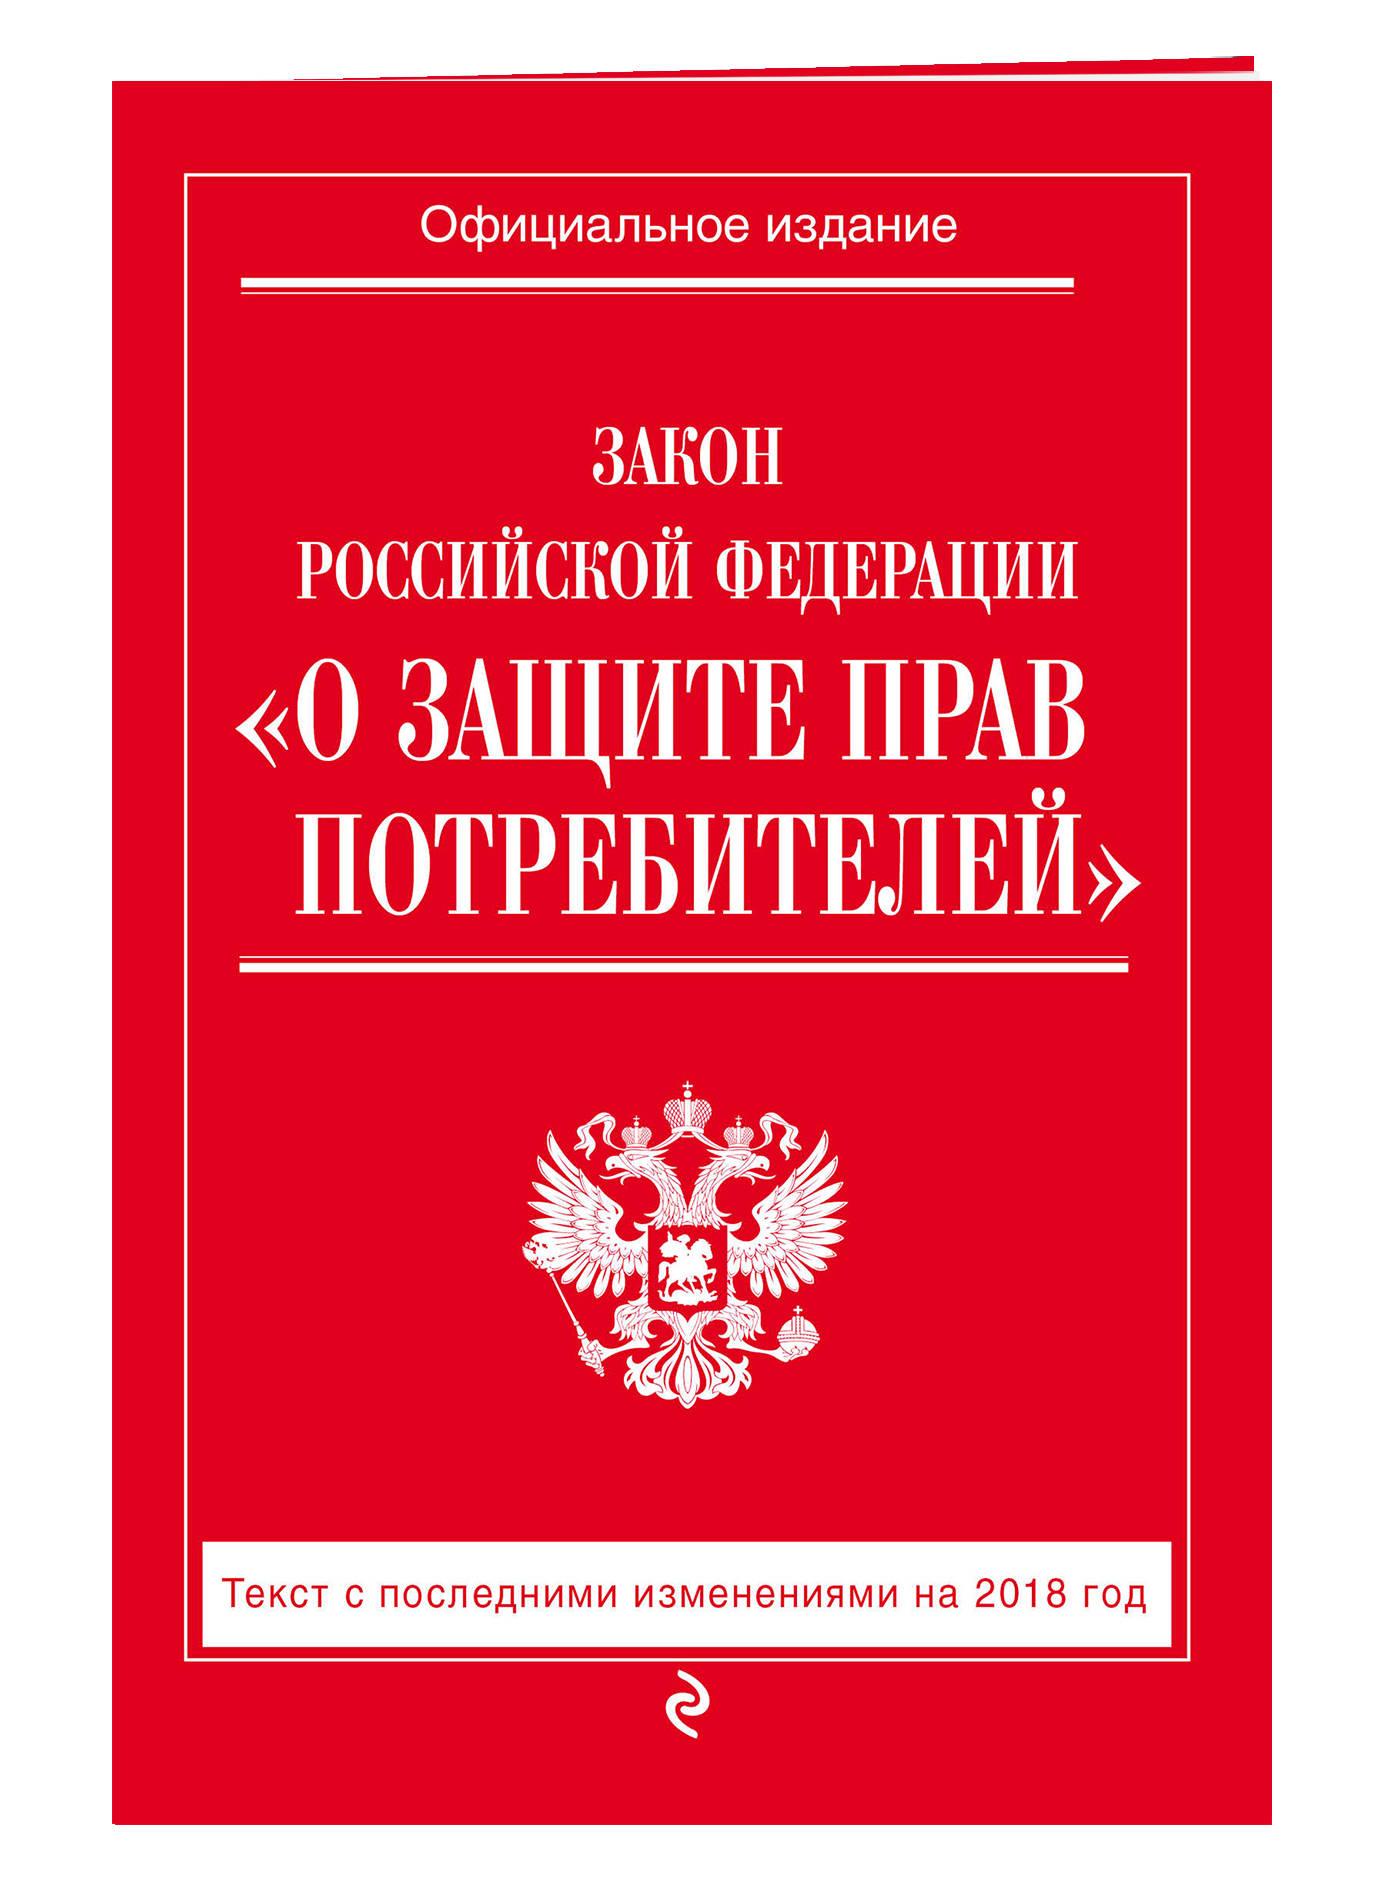 Закон РФ О защите прав потребителей: текст с посл. изм. на 2018 г.